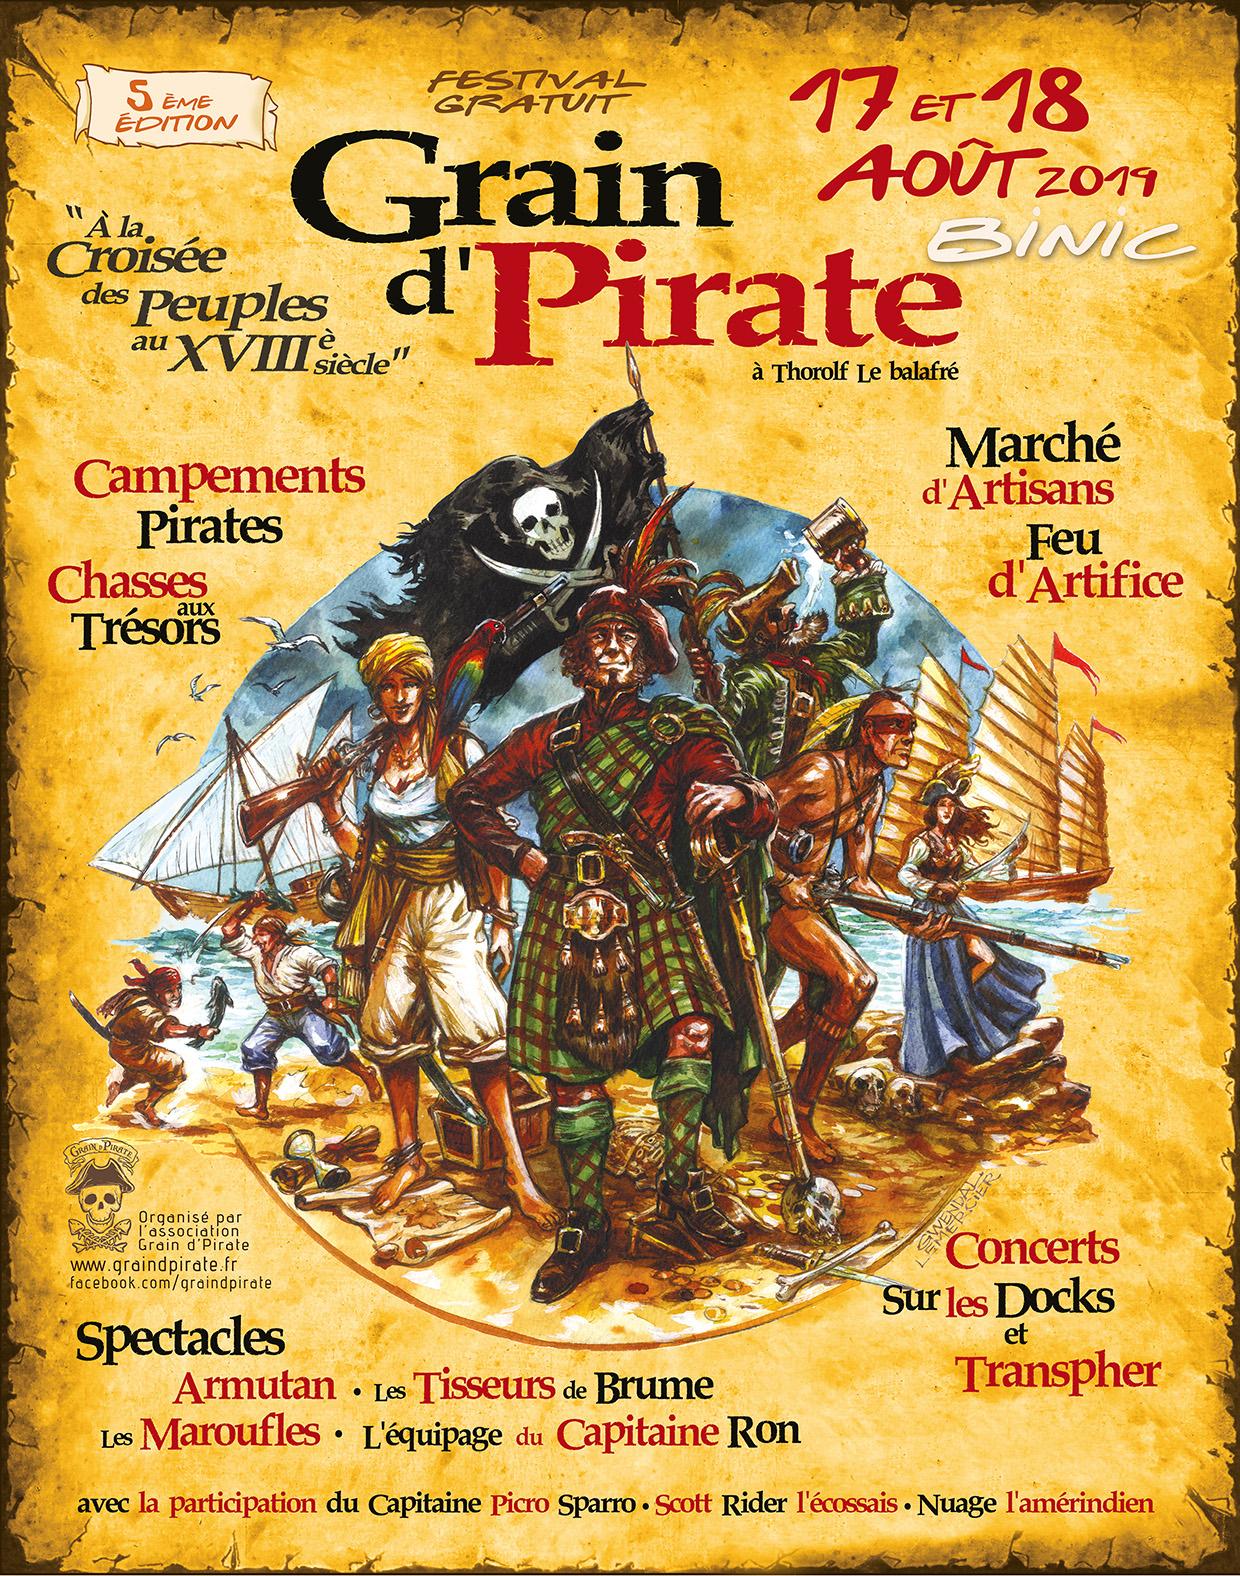 Accueil - Grain D'pirate concernant Histoires De Pirates Gratuit